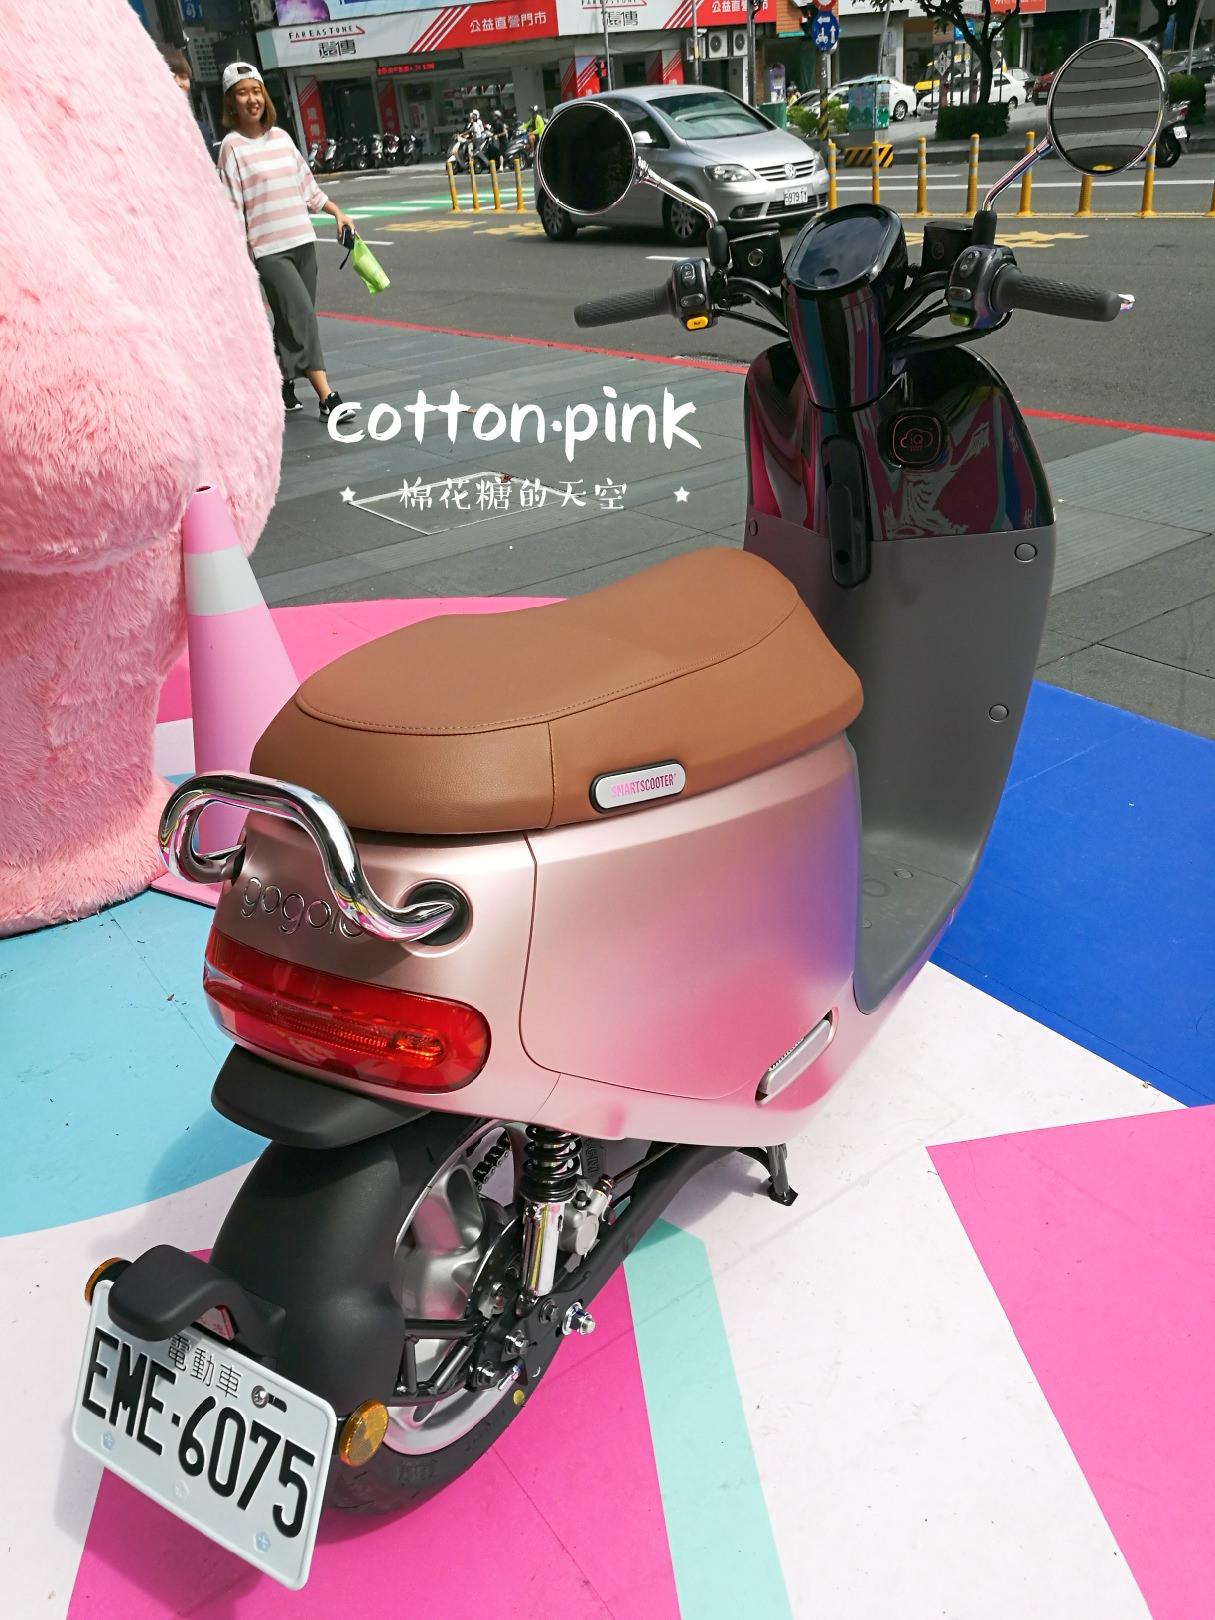 20180822162948 29 - 勤美最新打卡景點│粉紅色毛毛怪獸只到9月2日,gogoro粉紅突襲巡迴試騎